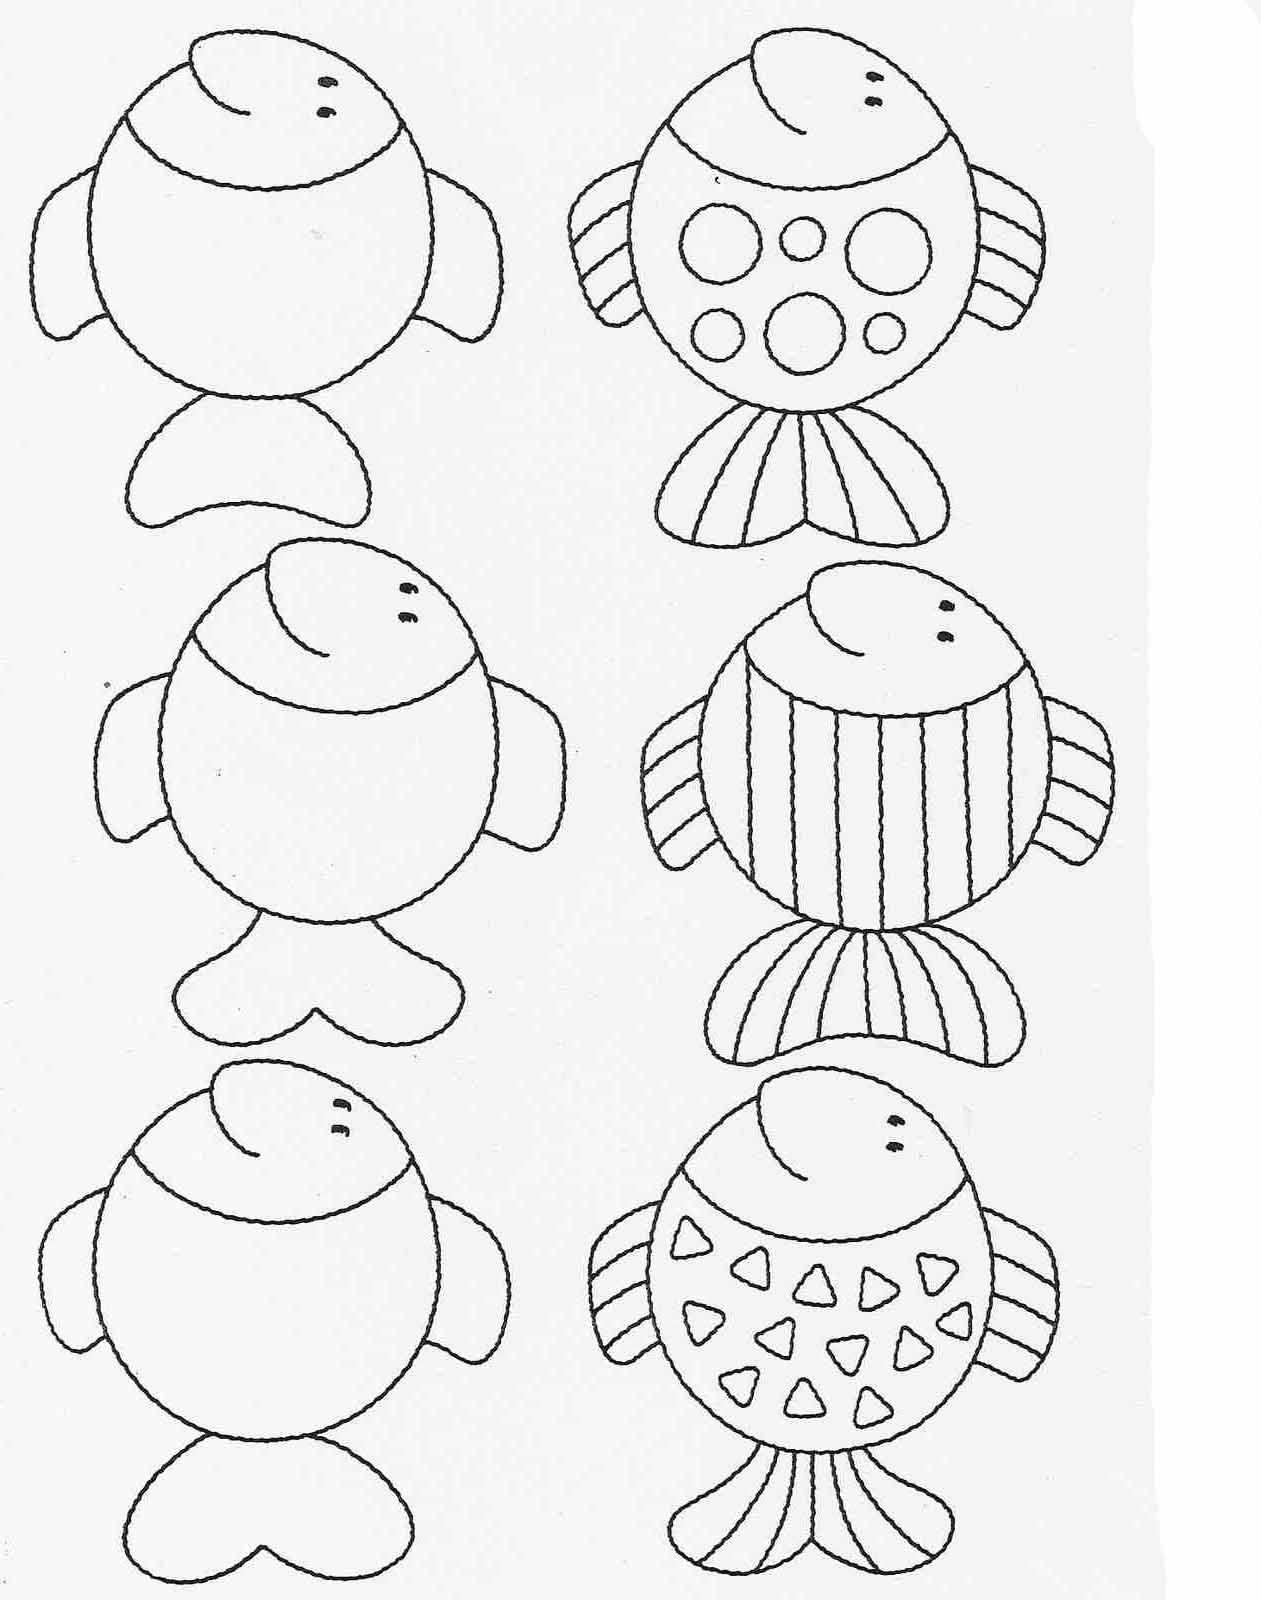 Actividades Para Ninos Preescolar Primaria E Inicial Fichas Para Imprimir En Las Que Tienes